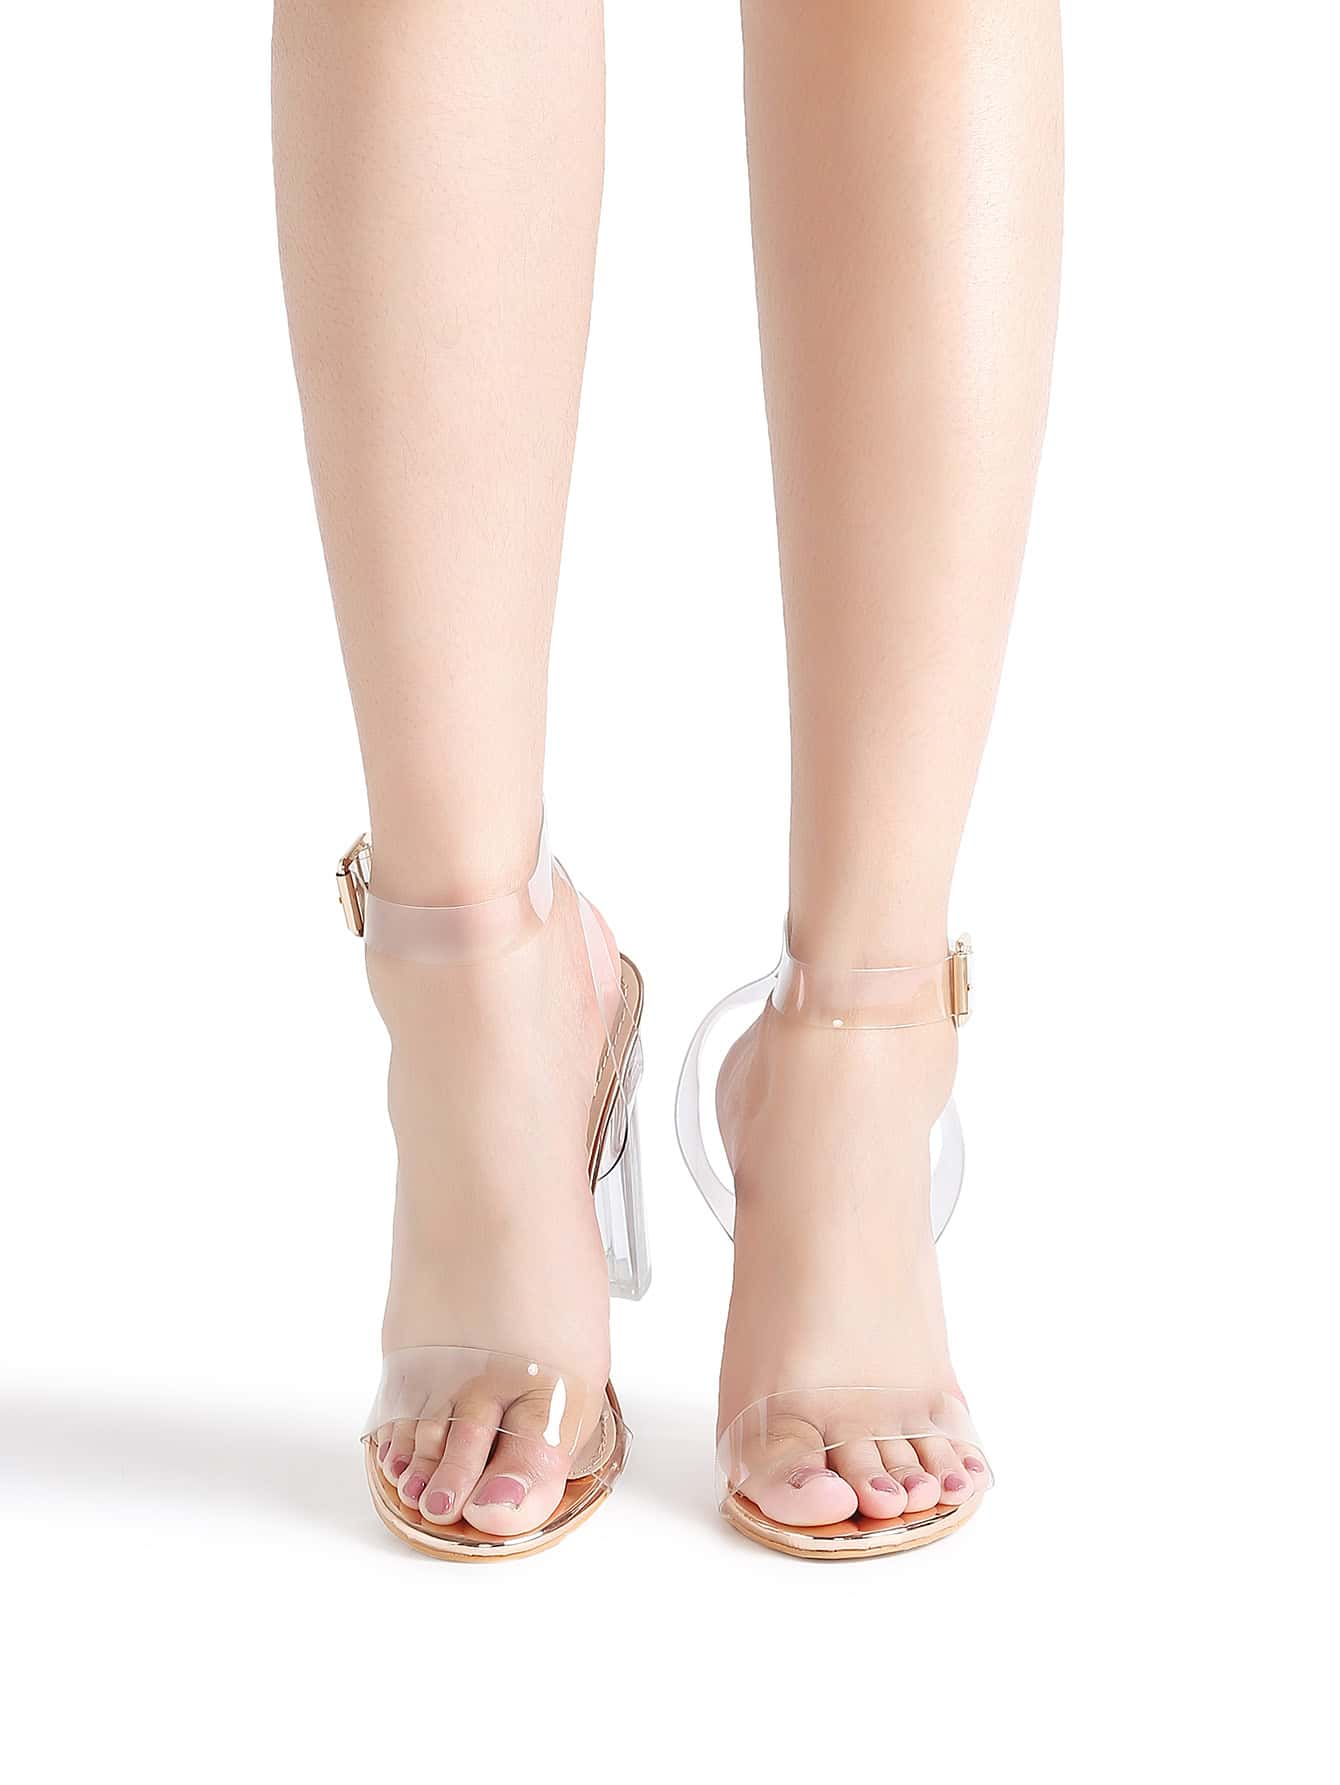 shoes170308806_2